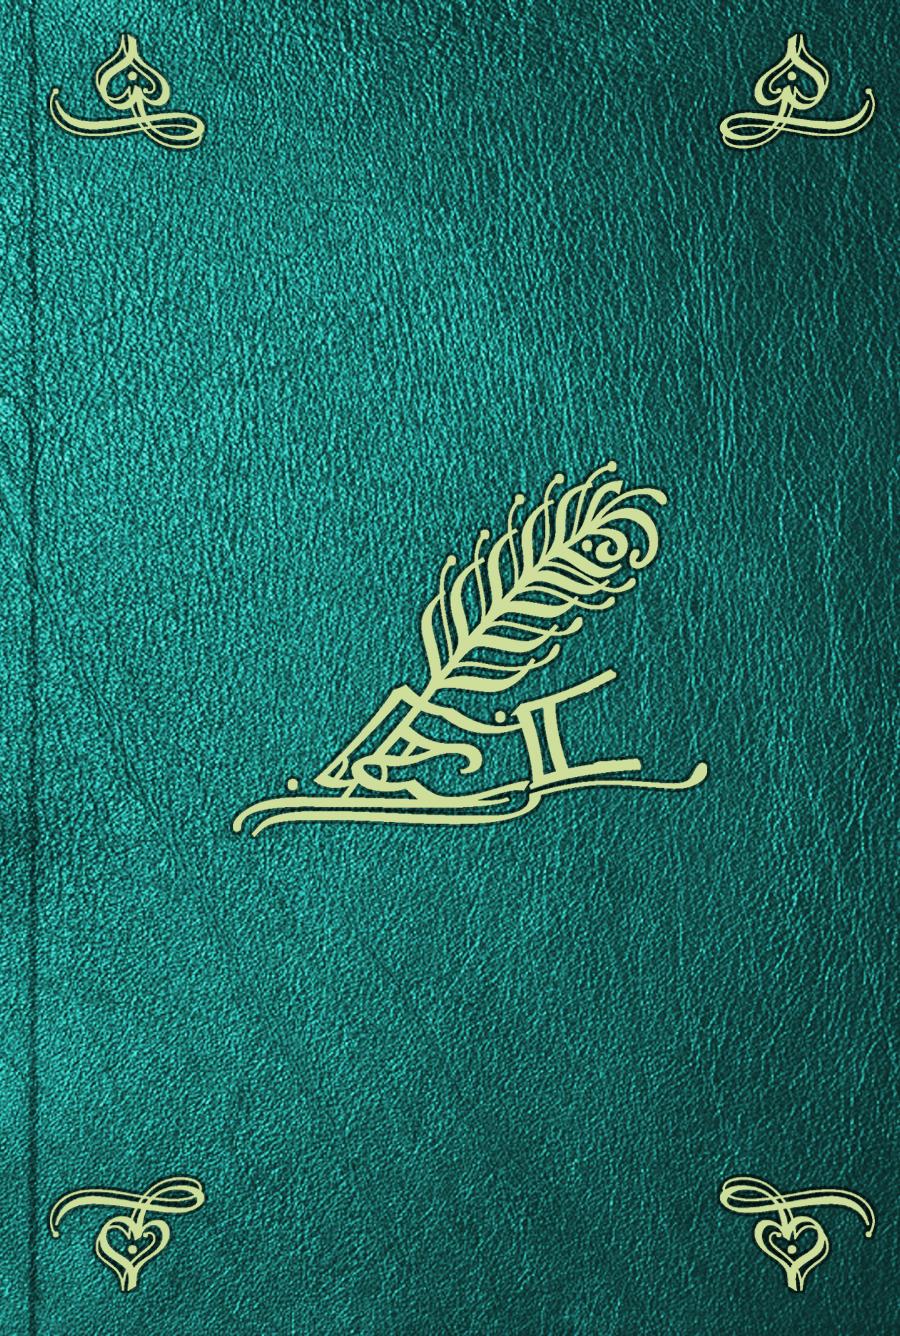 Henry Marie Brackenridge Histoire de la guerre entre les Etats-Unis d'Amerique et l'Angleterre. T. 1 henri delacroix la religion et la foi french edition